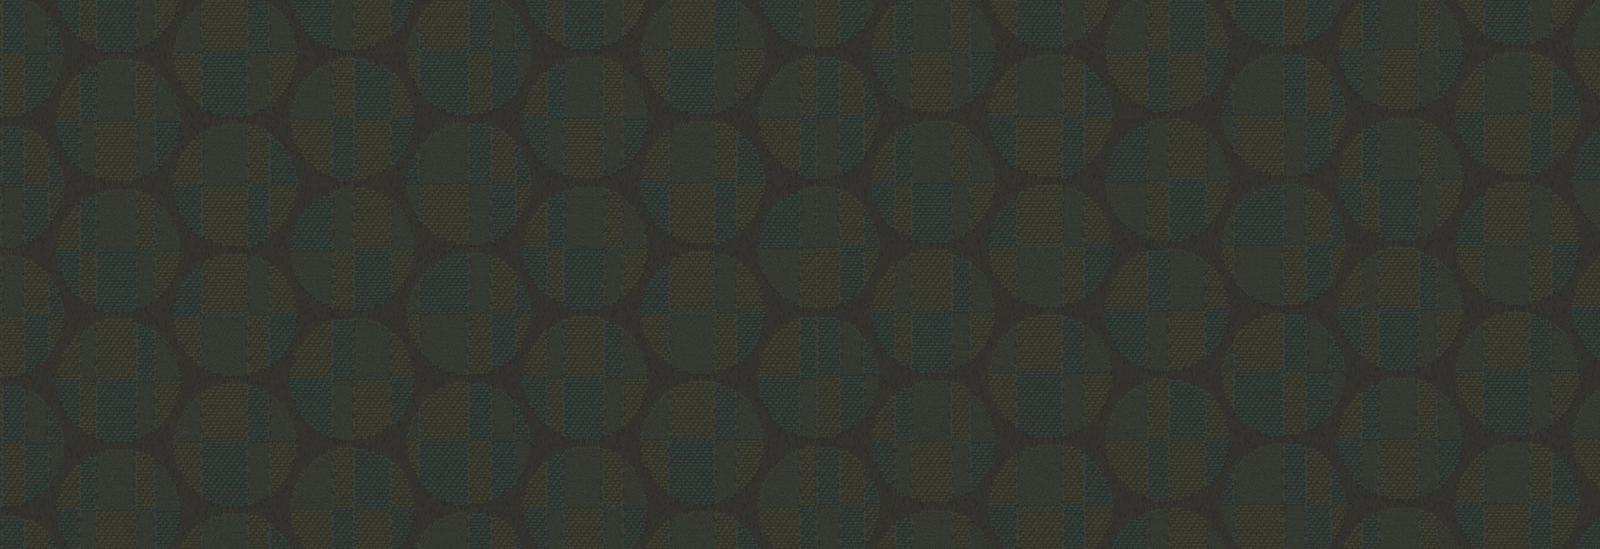 Pattern_Bkrd_v2.png